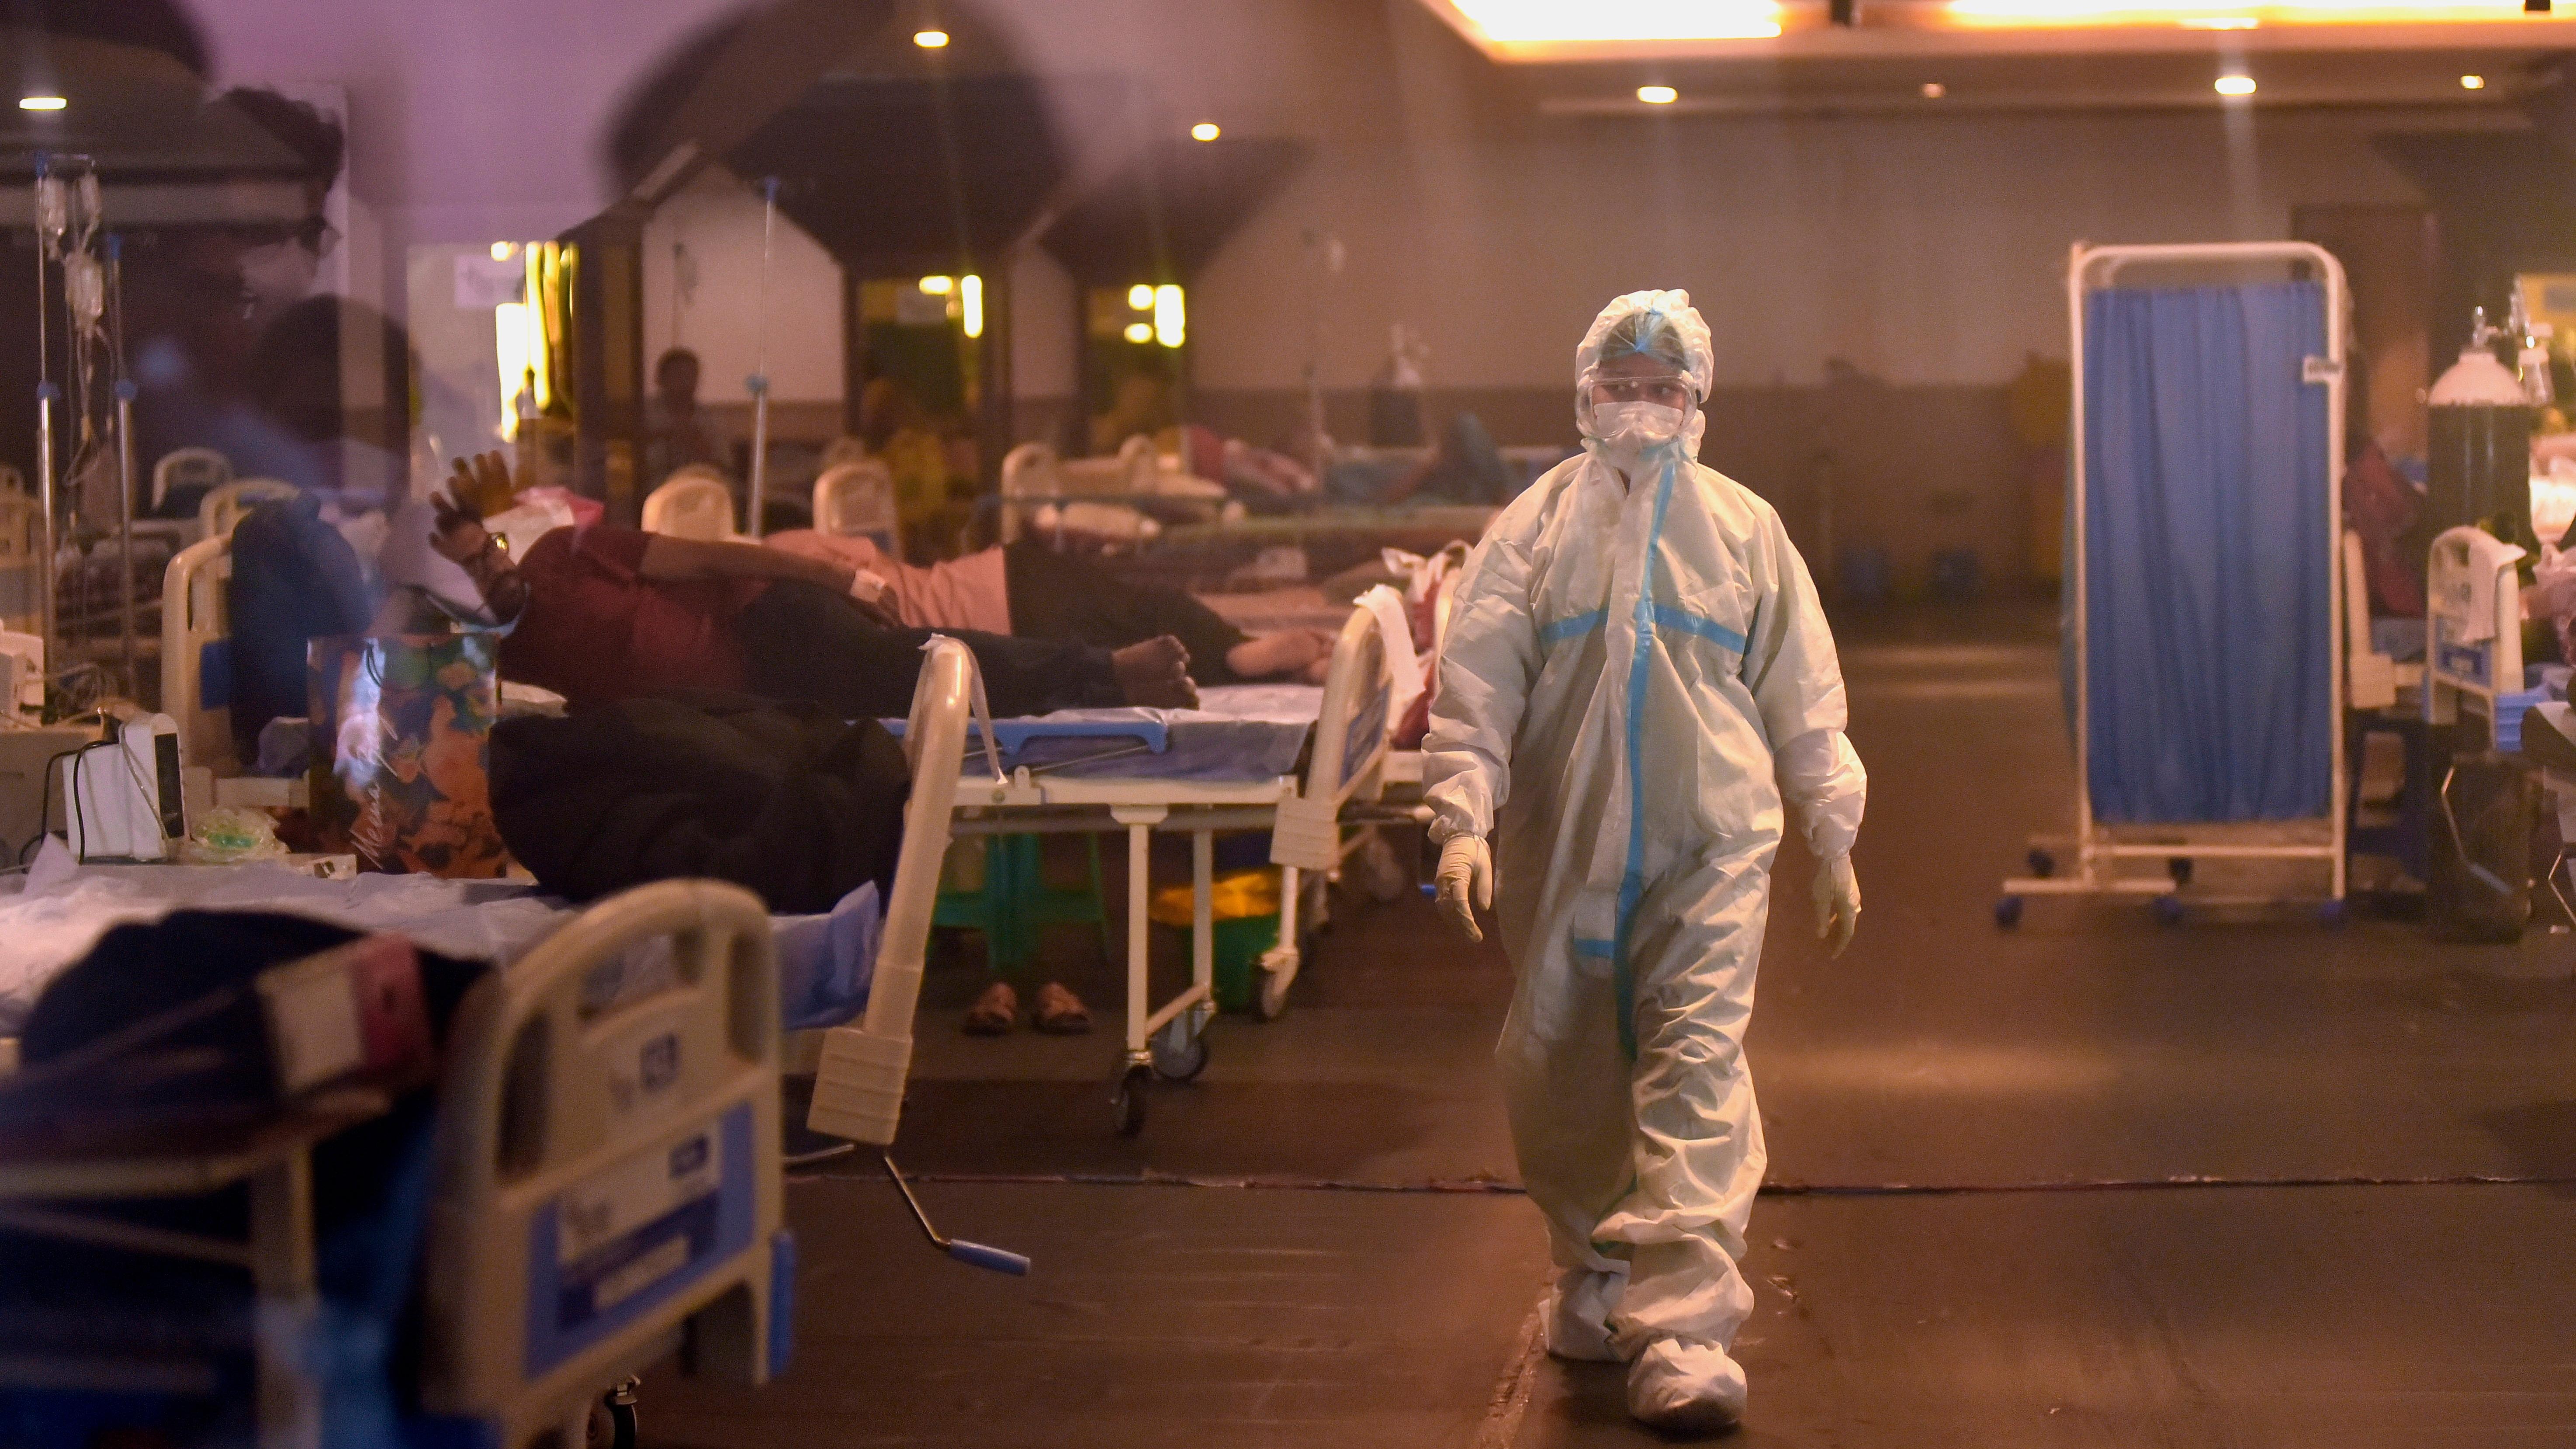 Un médico indio con equipo de protección personal (EPP) camina después de examinar a los pacientes dentro de un centro de atención COVID-19 y una sala de aislamiento cerca de un hospital en Nueva Delhi, India.